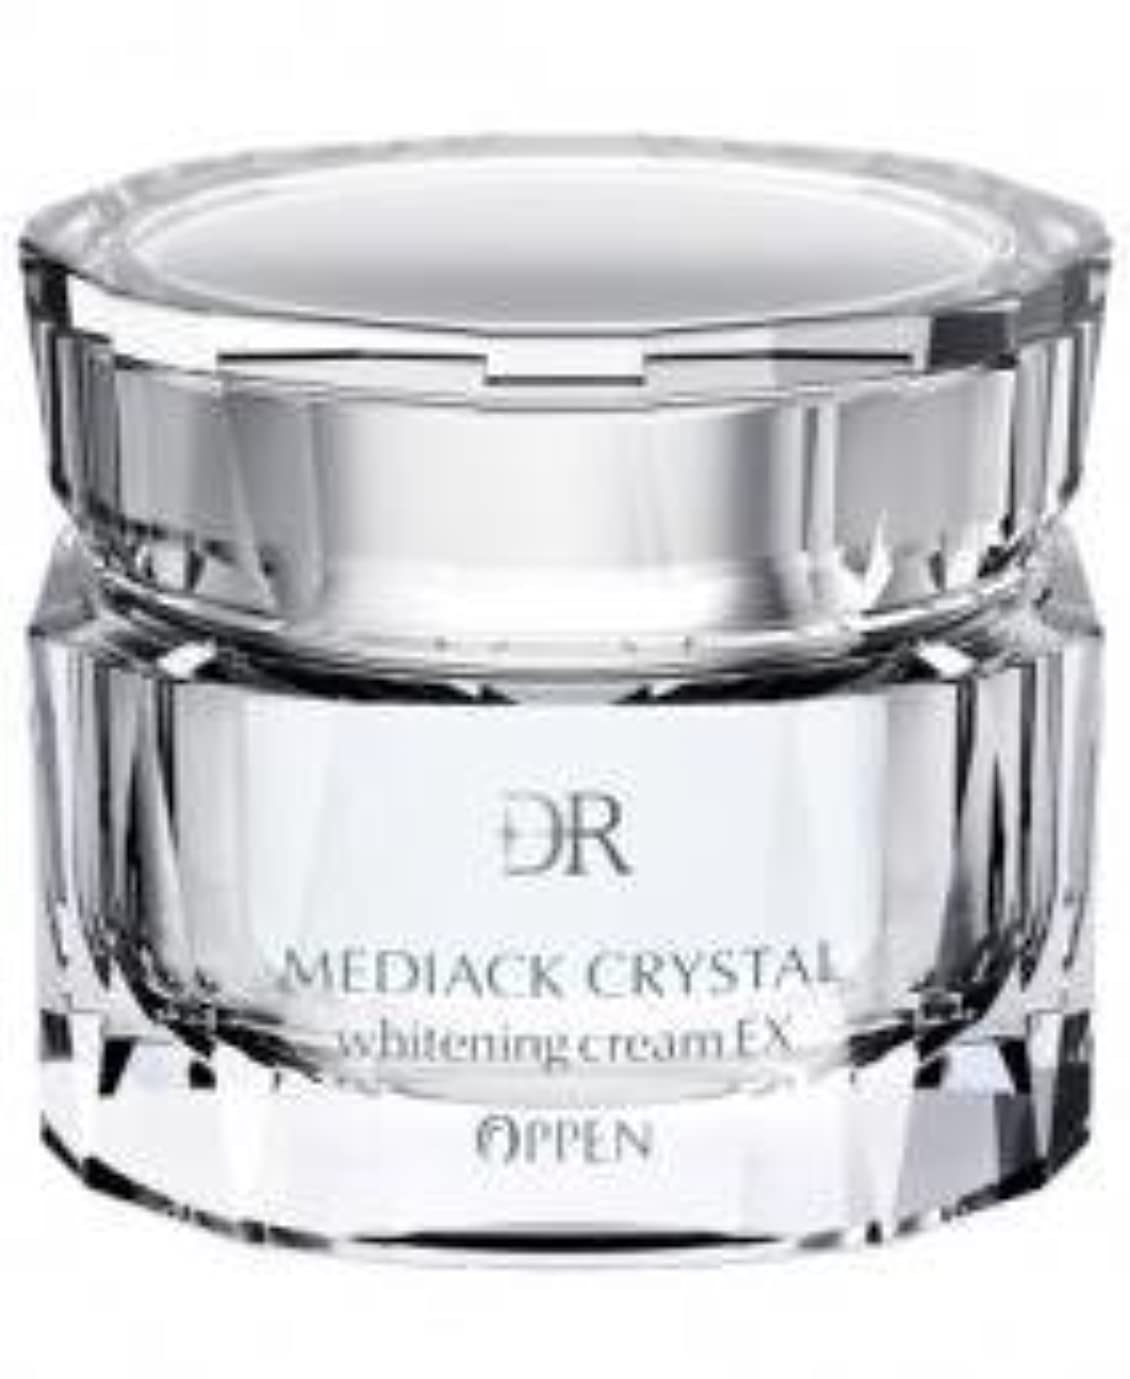 潤滑するトランスペアレントサーカスオッペン化粧品【OPPEN】 DRメディアッククリスタル ホワイトニングクリーム 35g